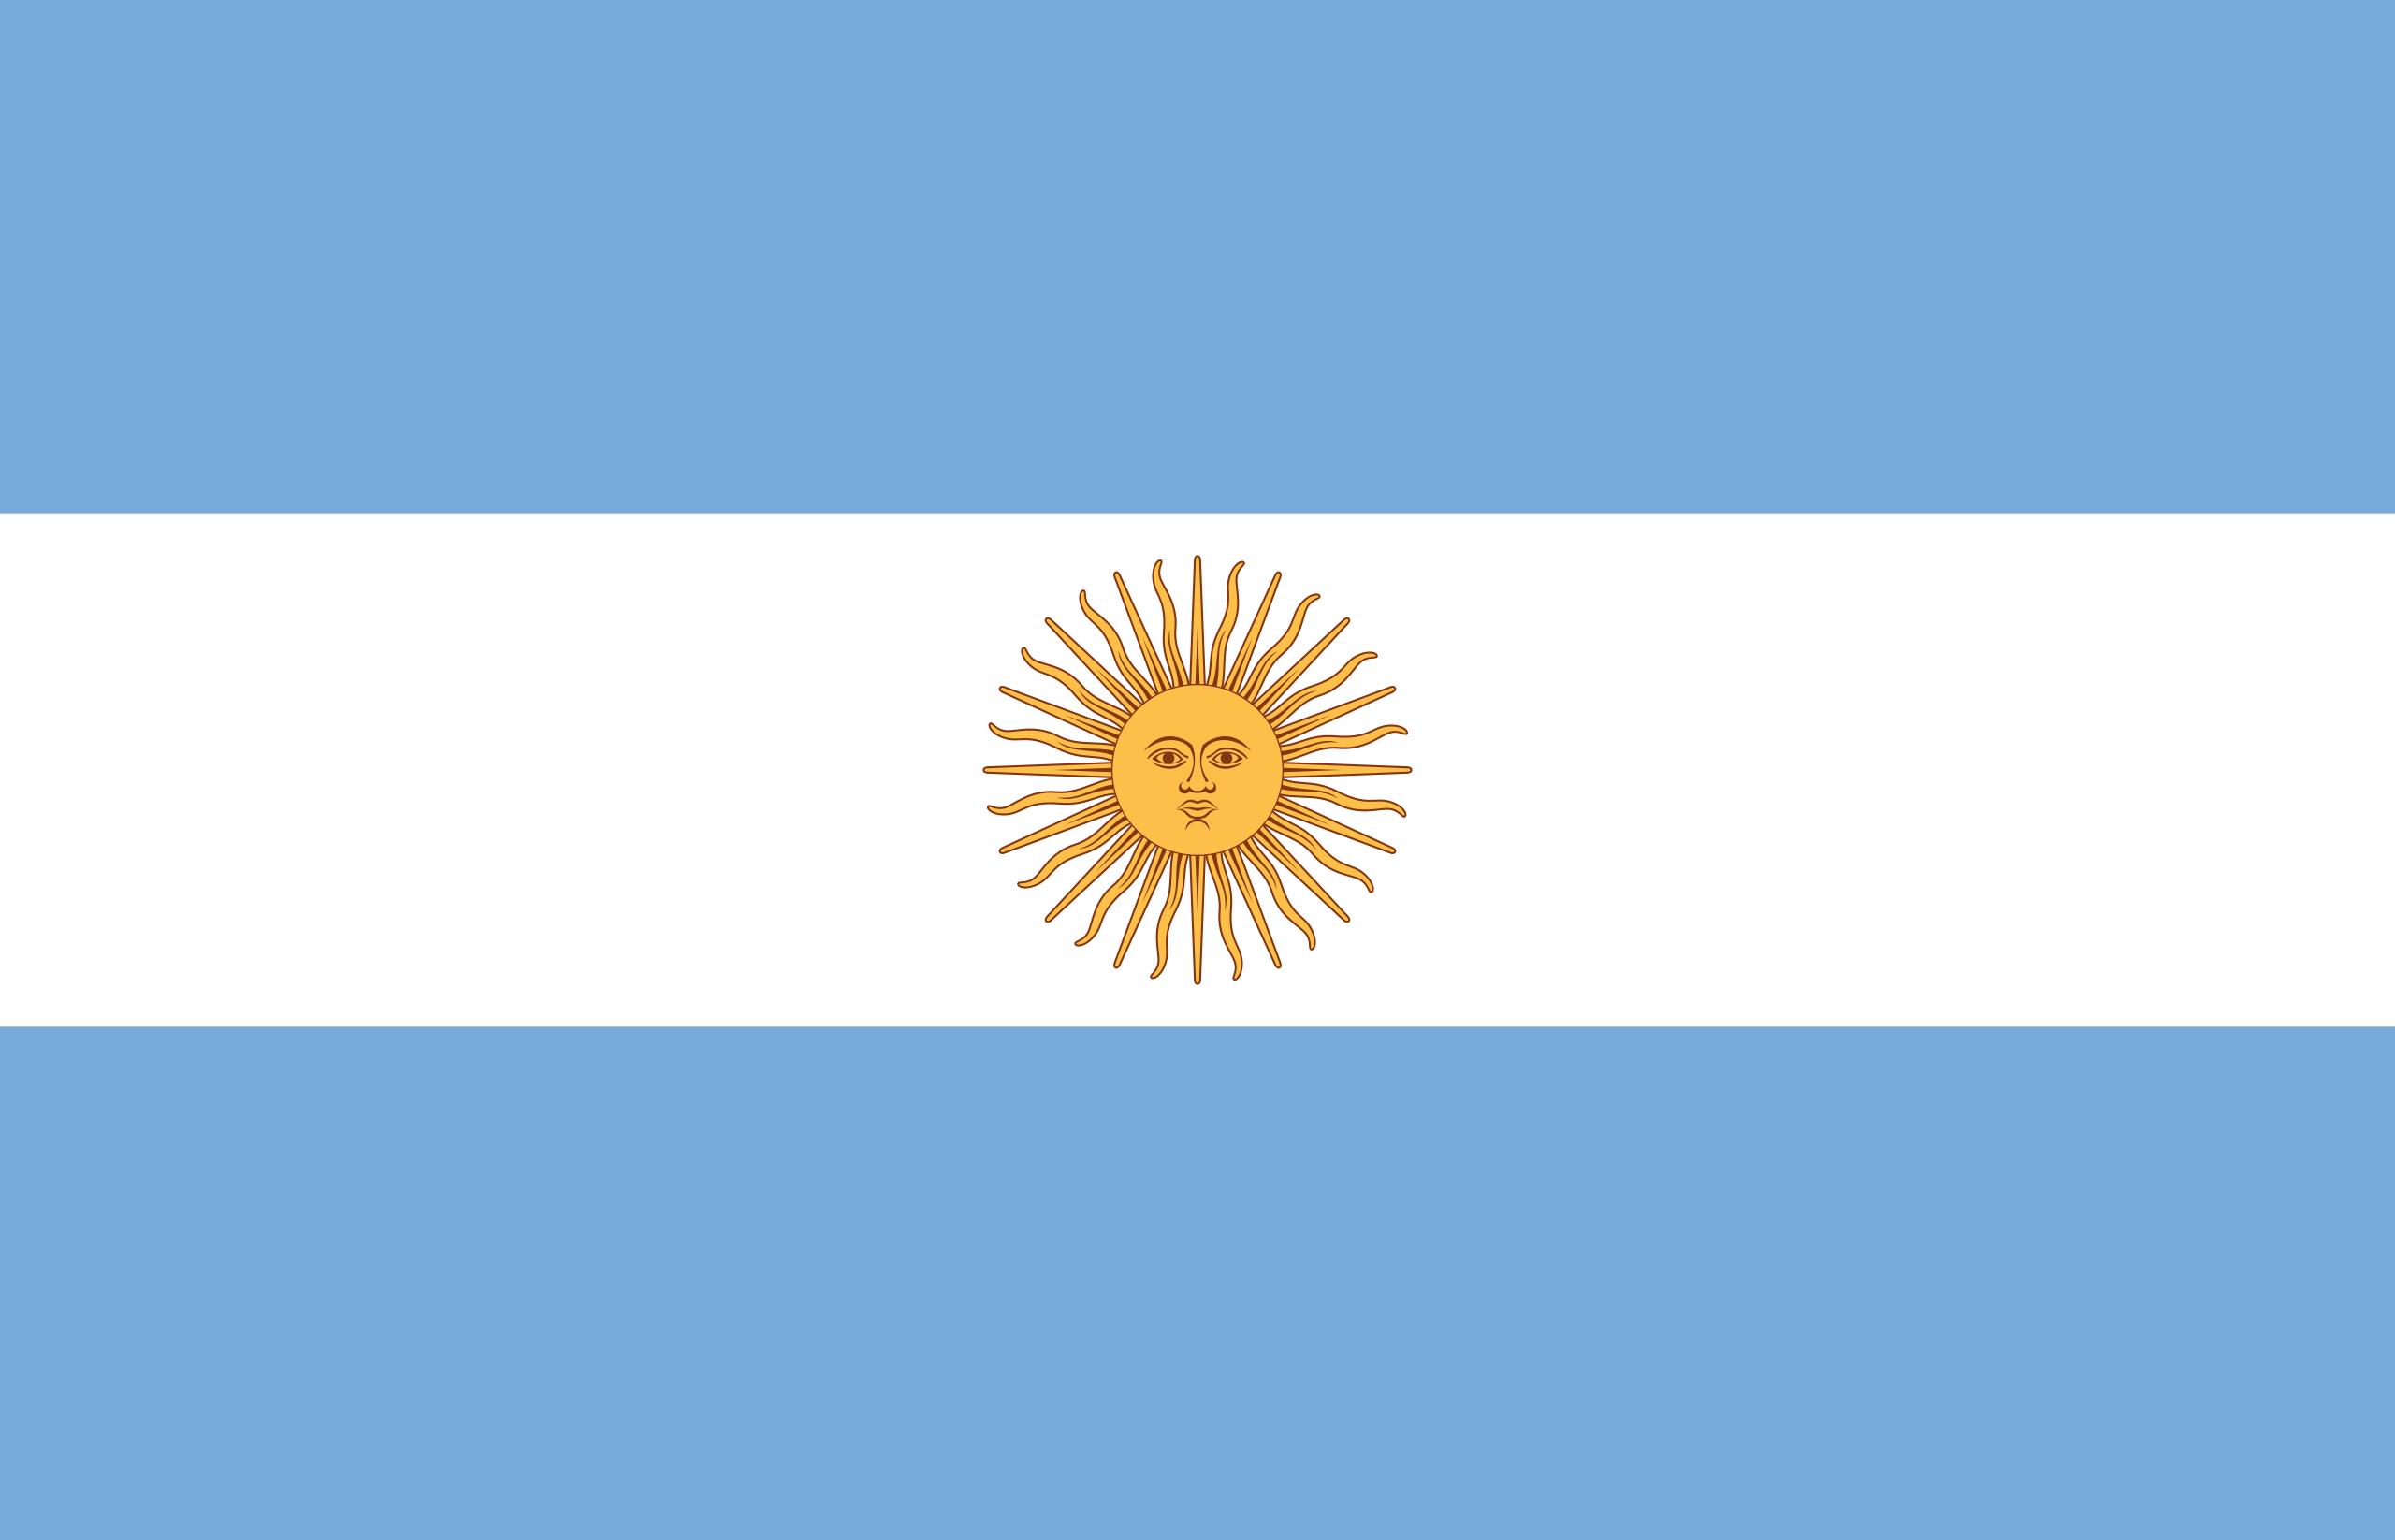 Viser flagget til Argentina